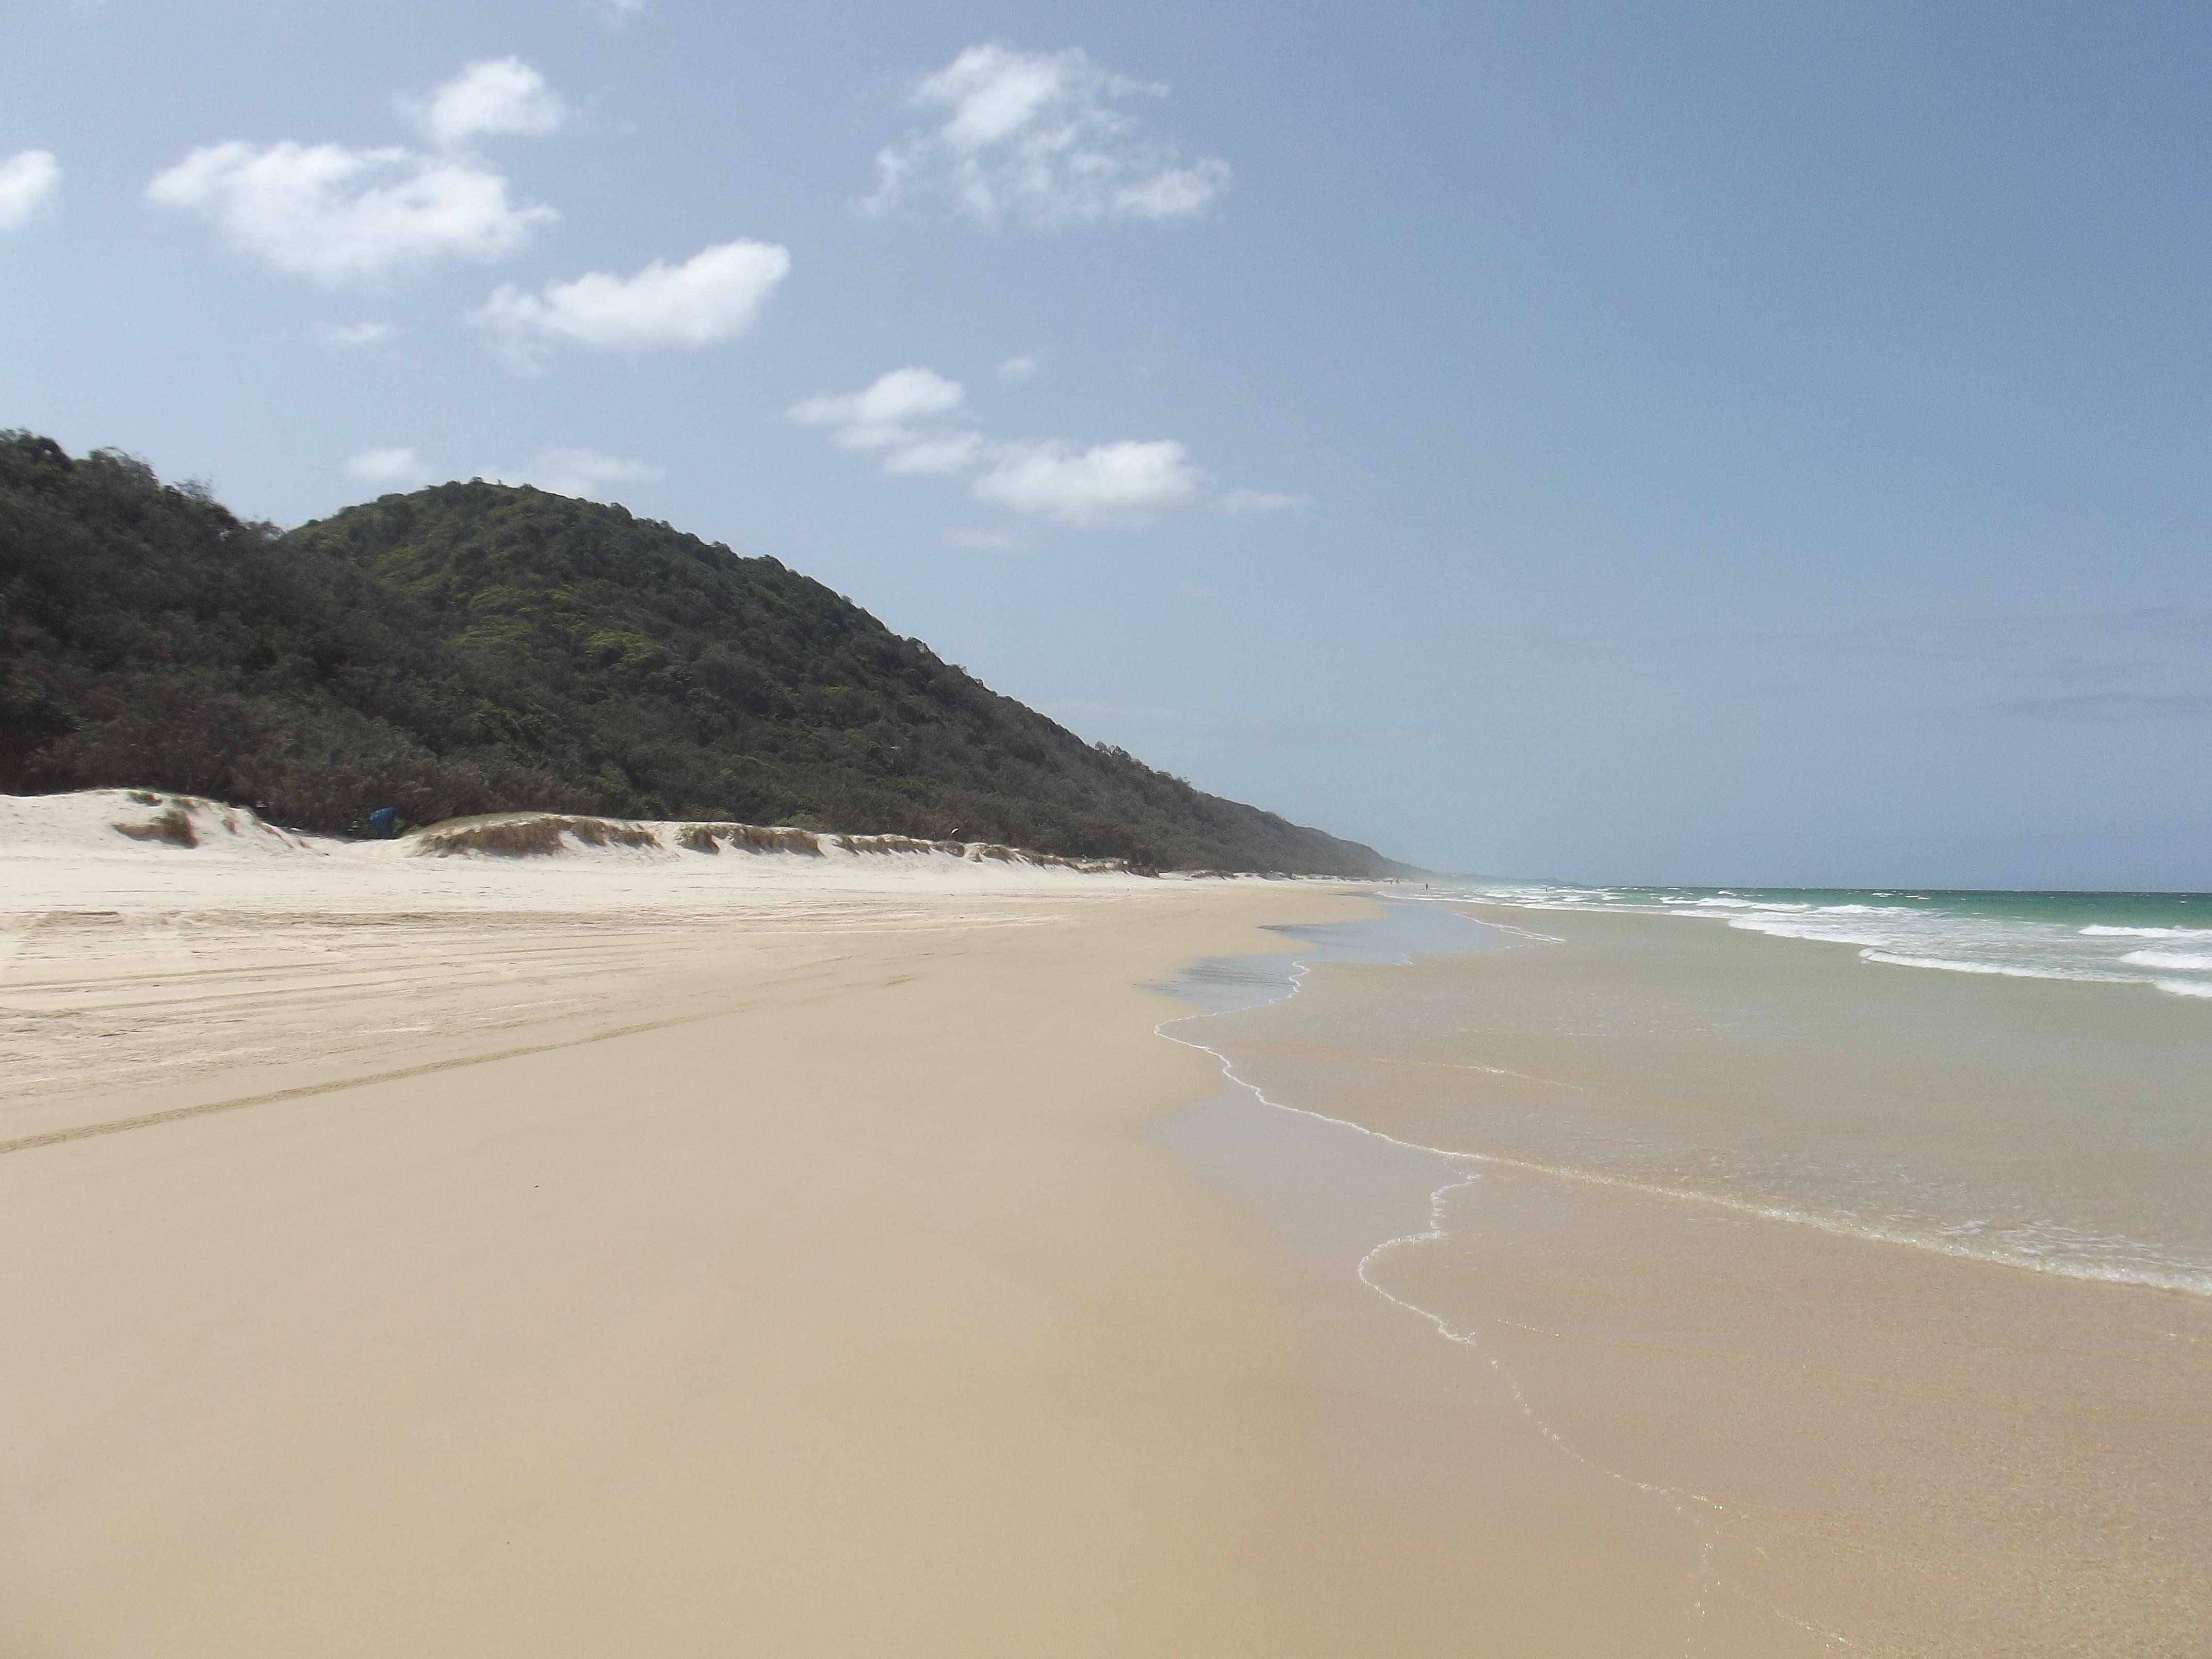 Cooloola beach